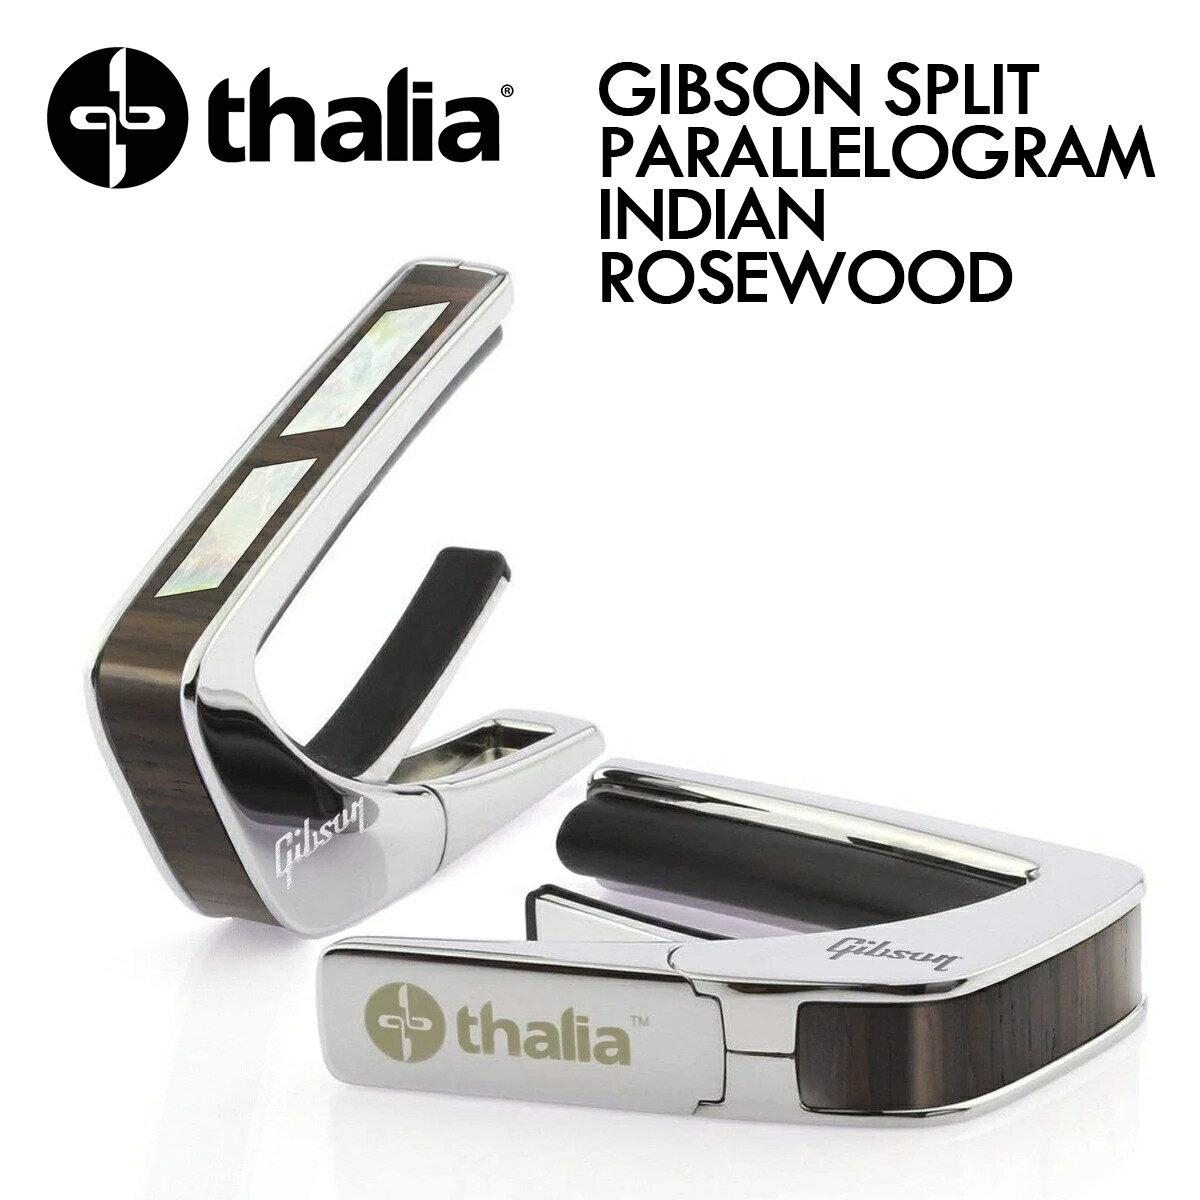 アクセサリー・パーツ, カポタスト Thalia Capos GIBSON SPLIT PARALLELOGRAM INDIAN ROSEWOOD -Chrome- ,Silver,,,Electric,Acoustic, Bass,Guitar